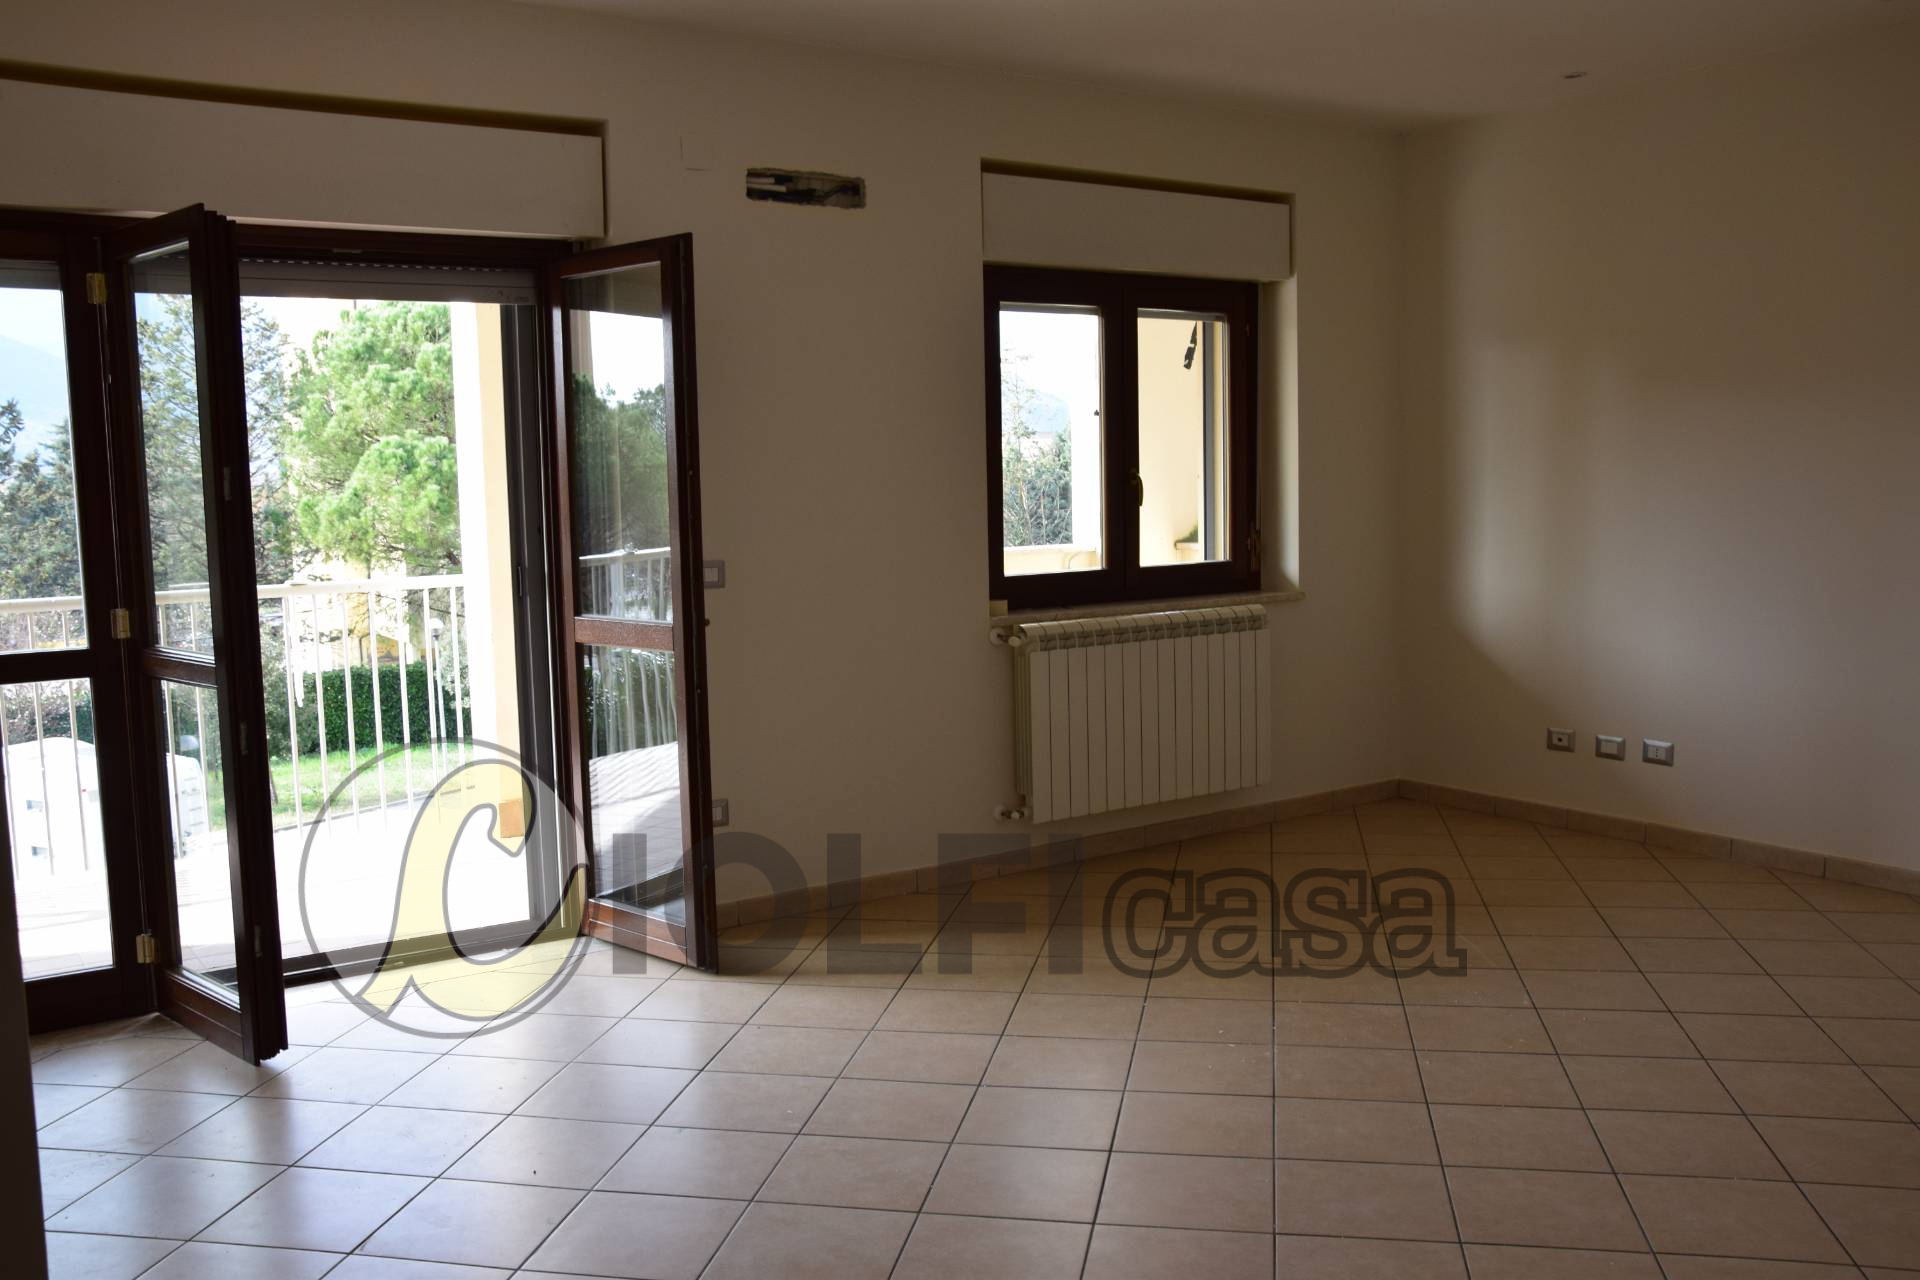 Appartamento in affitto a Cassino, 4 locali, zona Località: S.Antonino, prezzo € 500 | CambioCasa.it